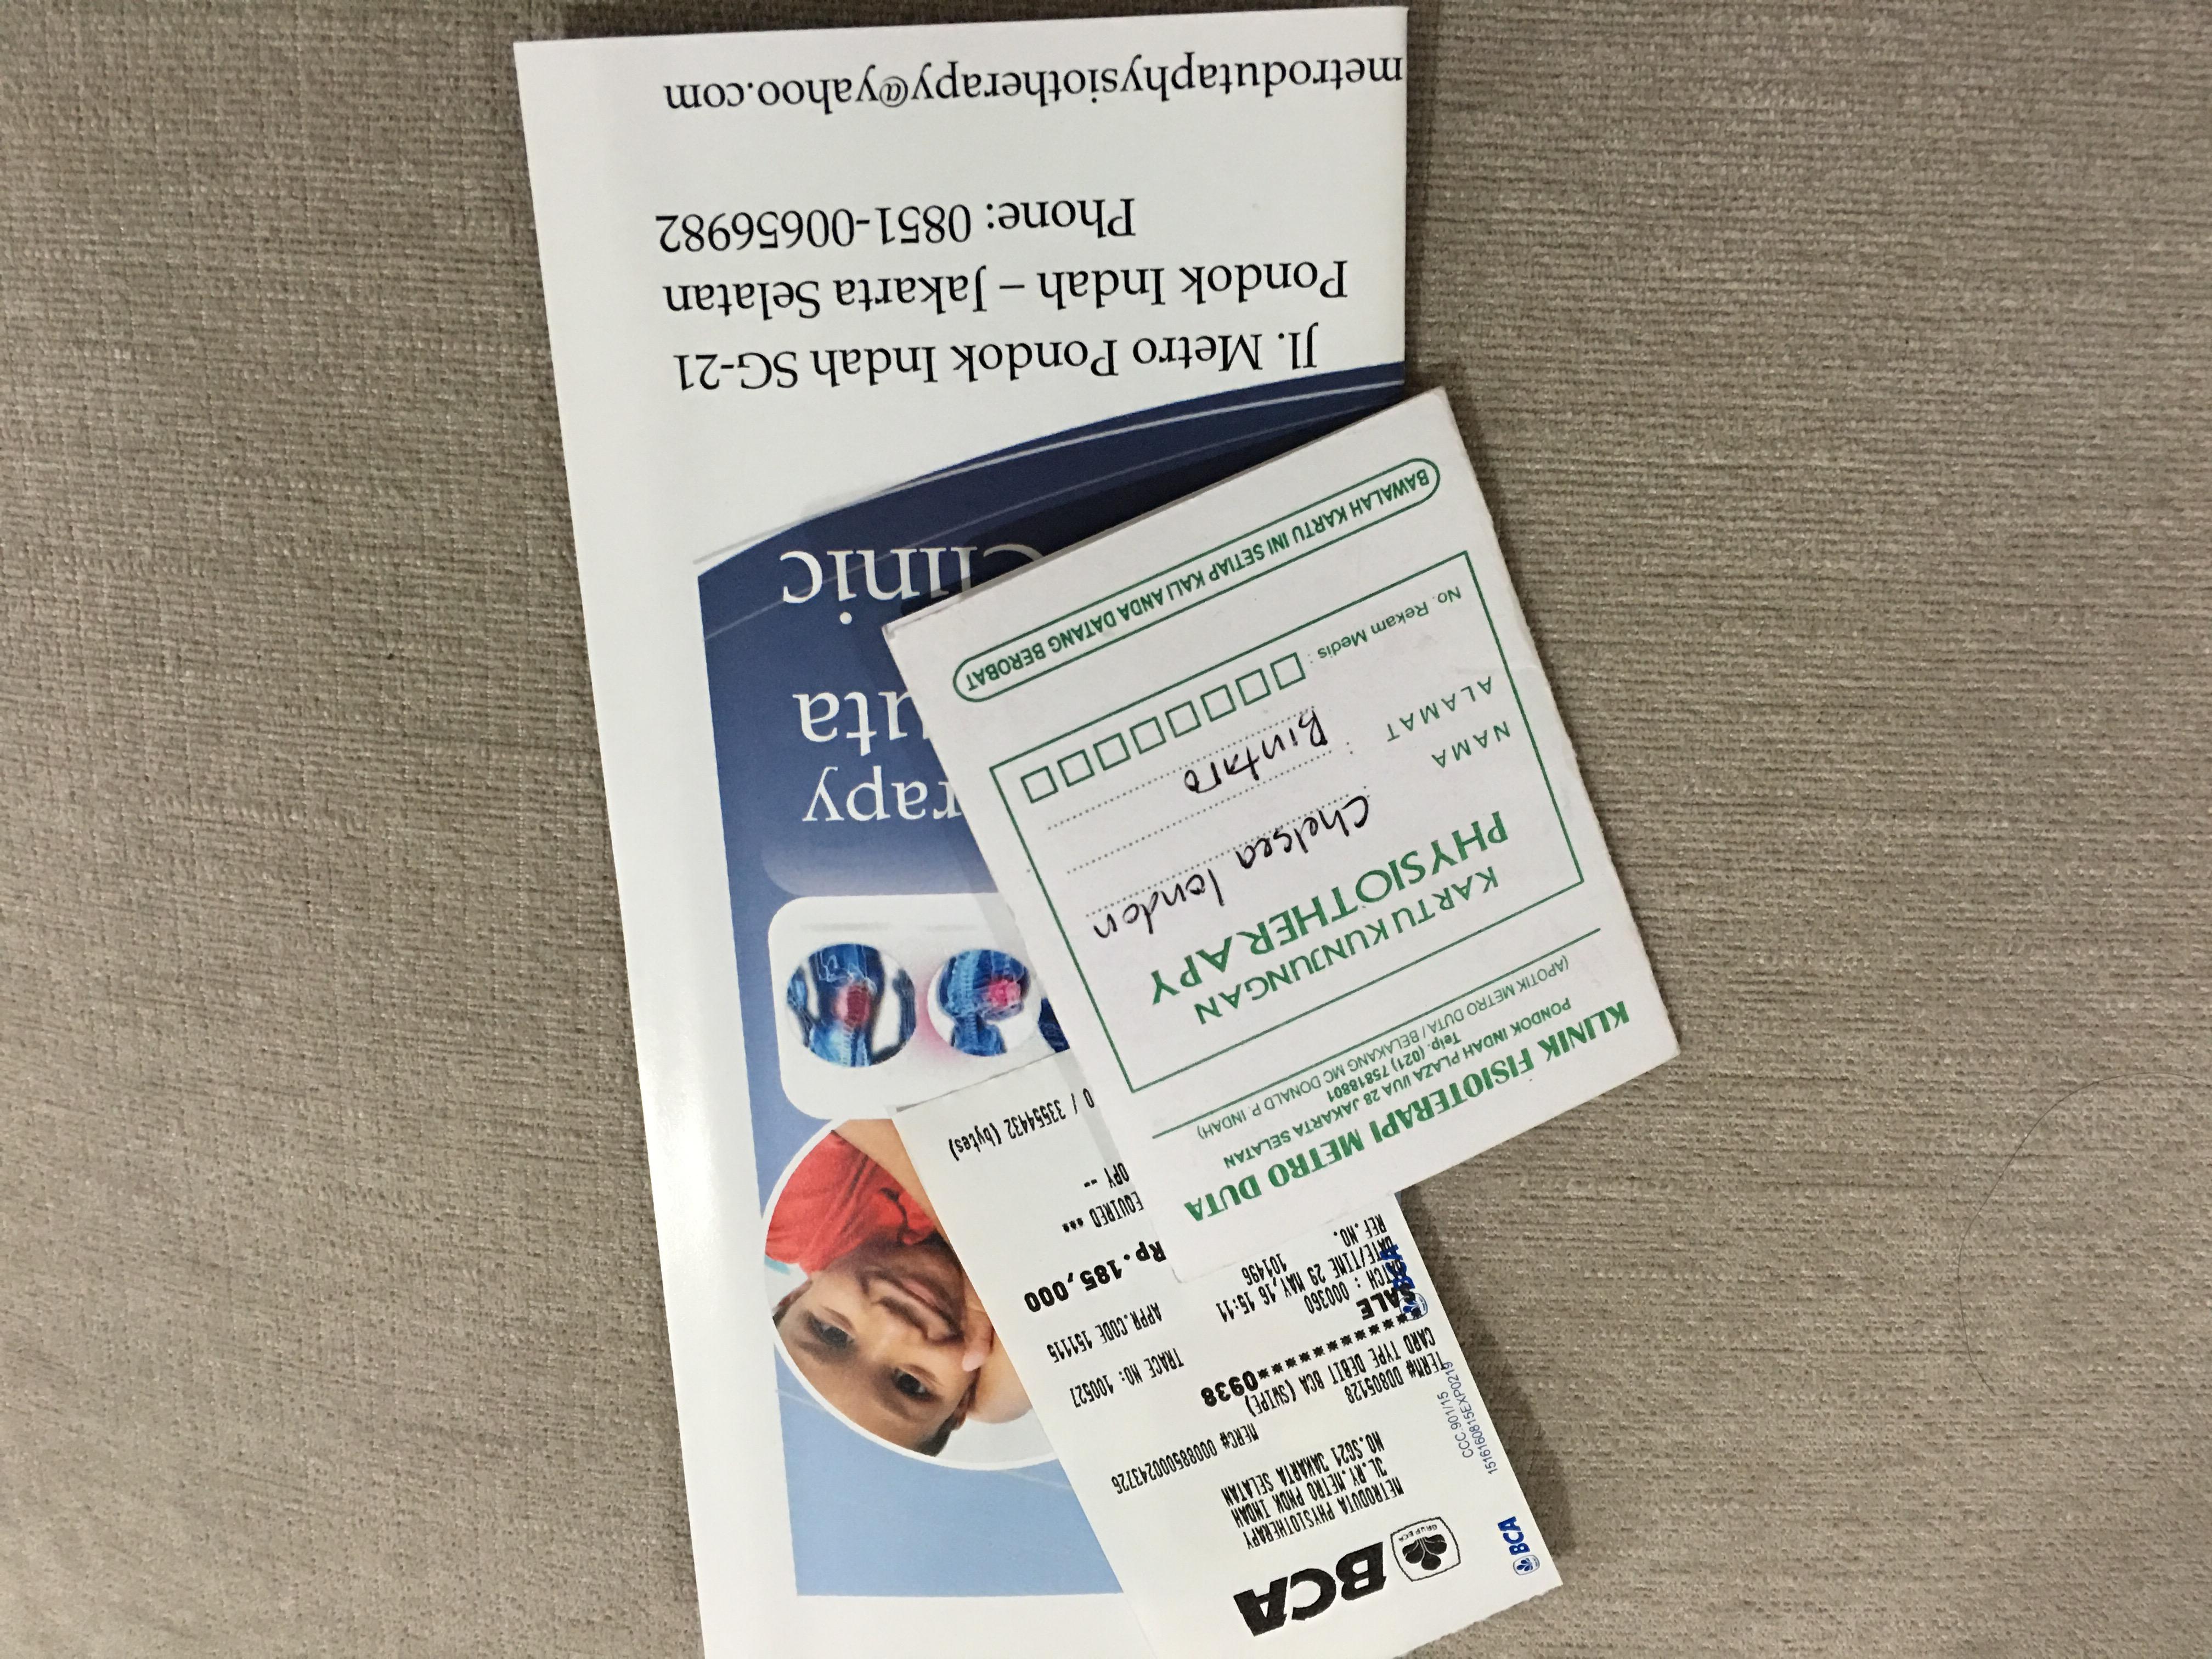 harga 1x fisioterapi uap metro duta untuk balita Rp 185